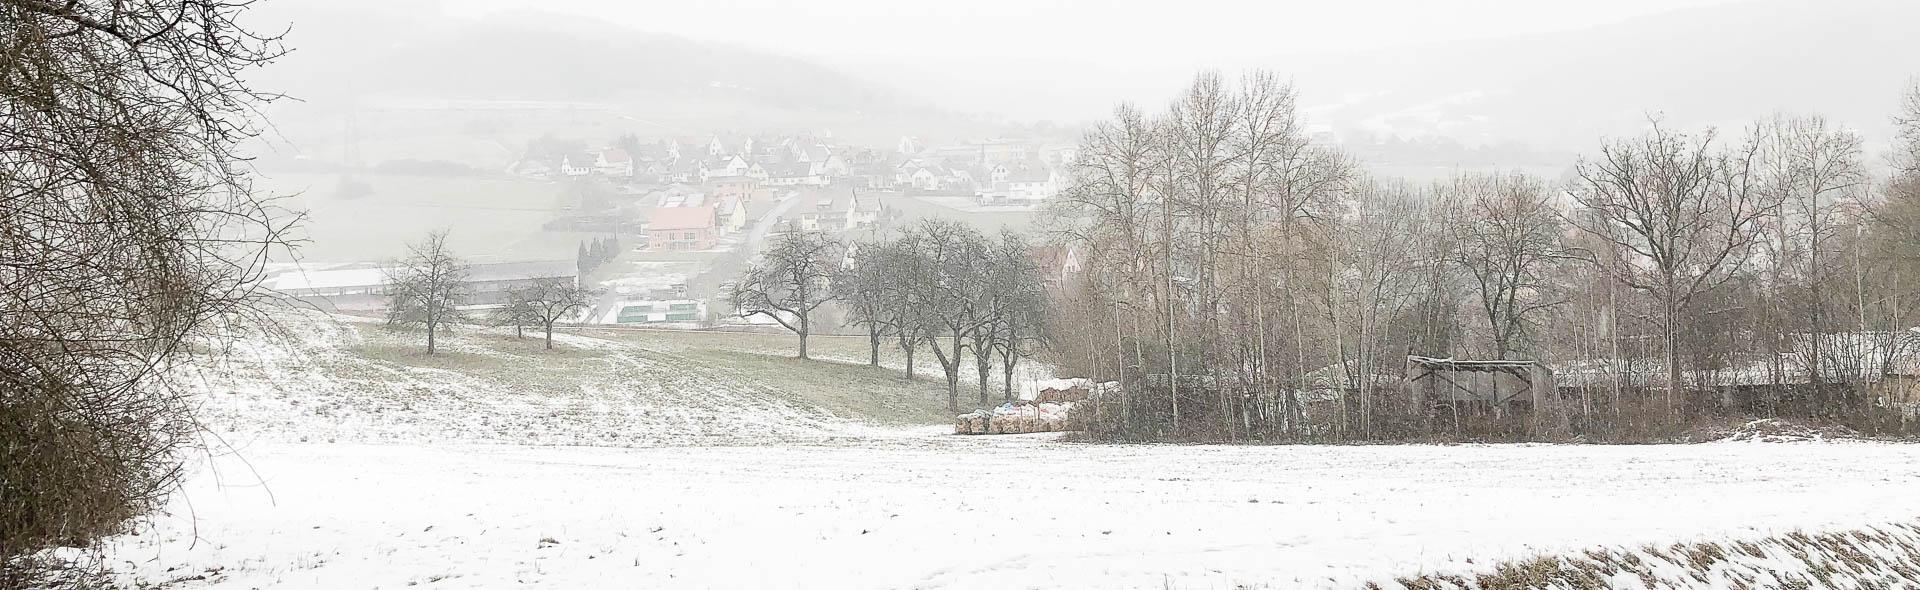 Winterwanderung zur Heiligen Anna von Weilersbach